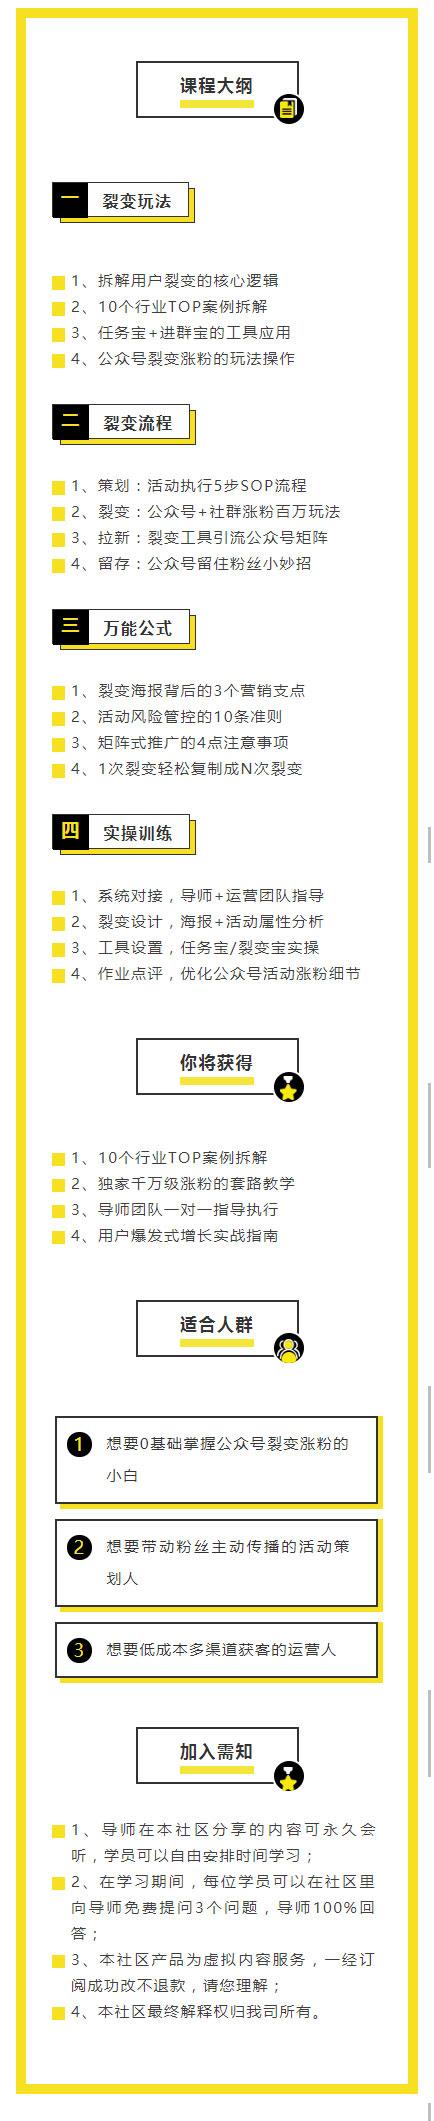 课程大纲微信营销模板黄色文章模板